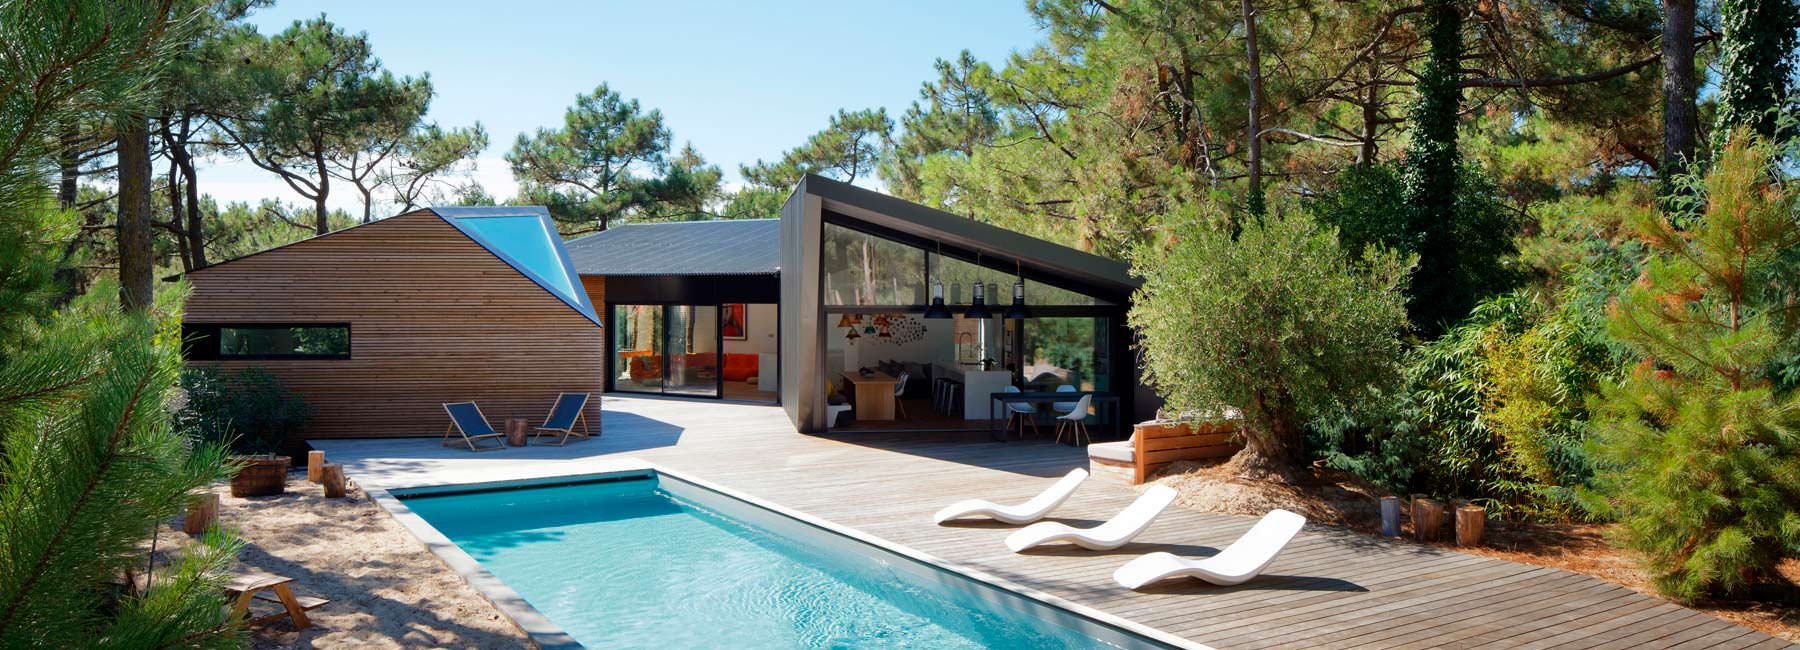 Загородная вилла с бассейном во Франции